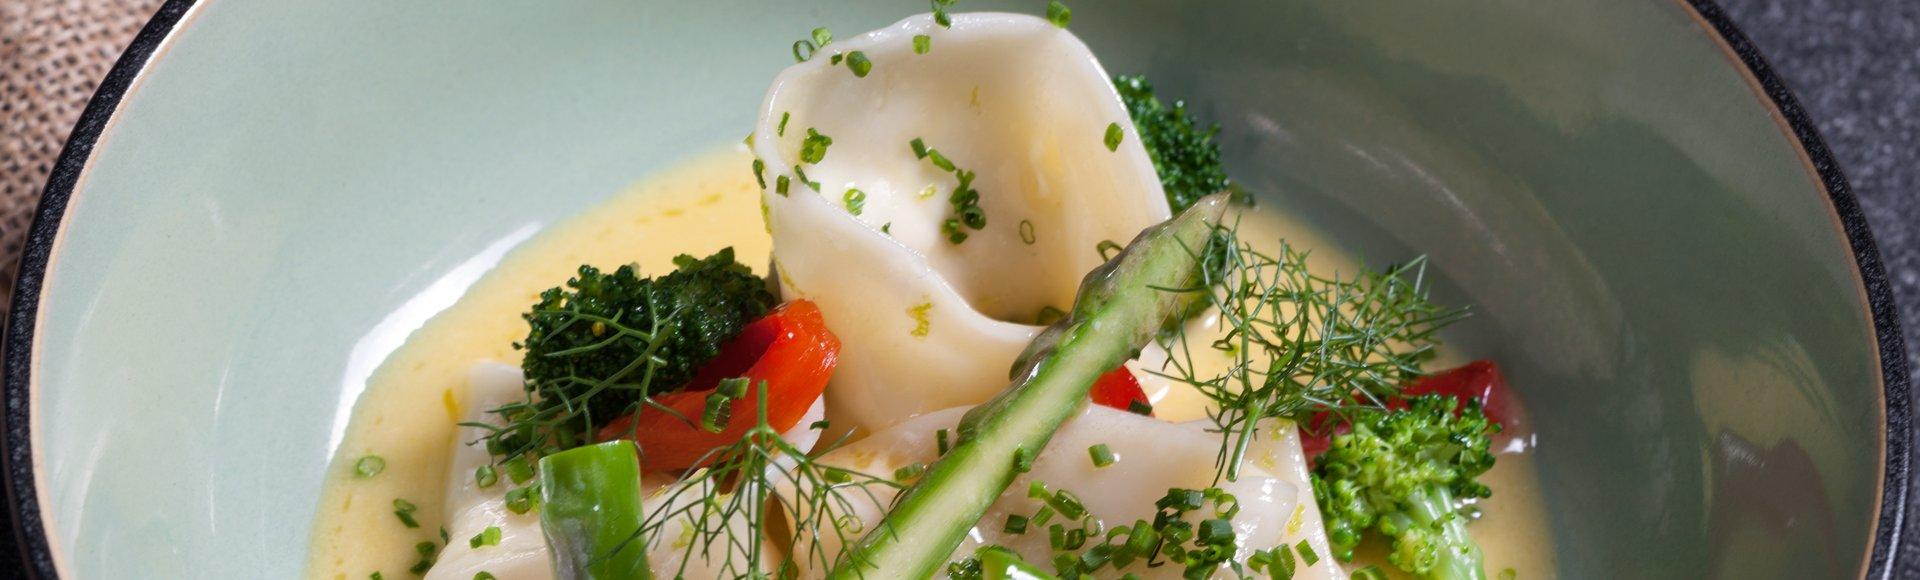 «Τορτελίνι» με γλώσσα και γαρίδες σε σάλτσα με λέμονγκρας και σπαράγγια